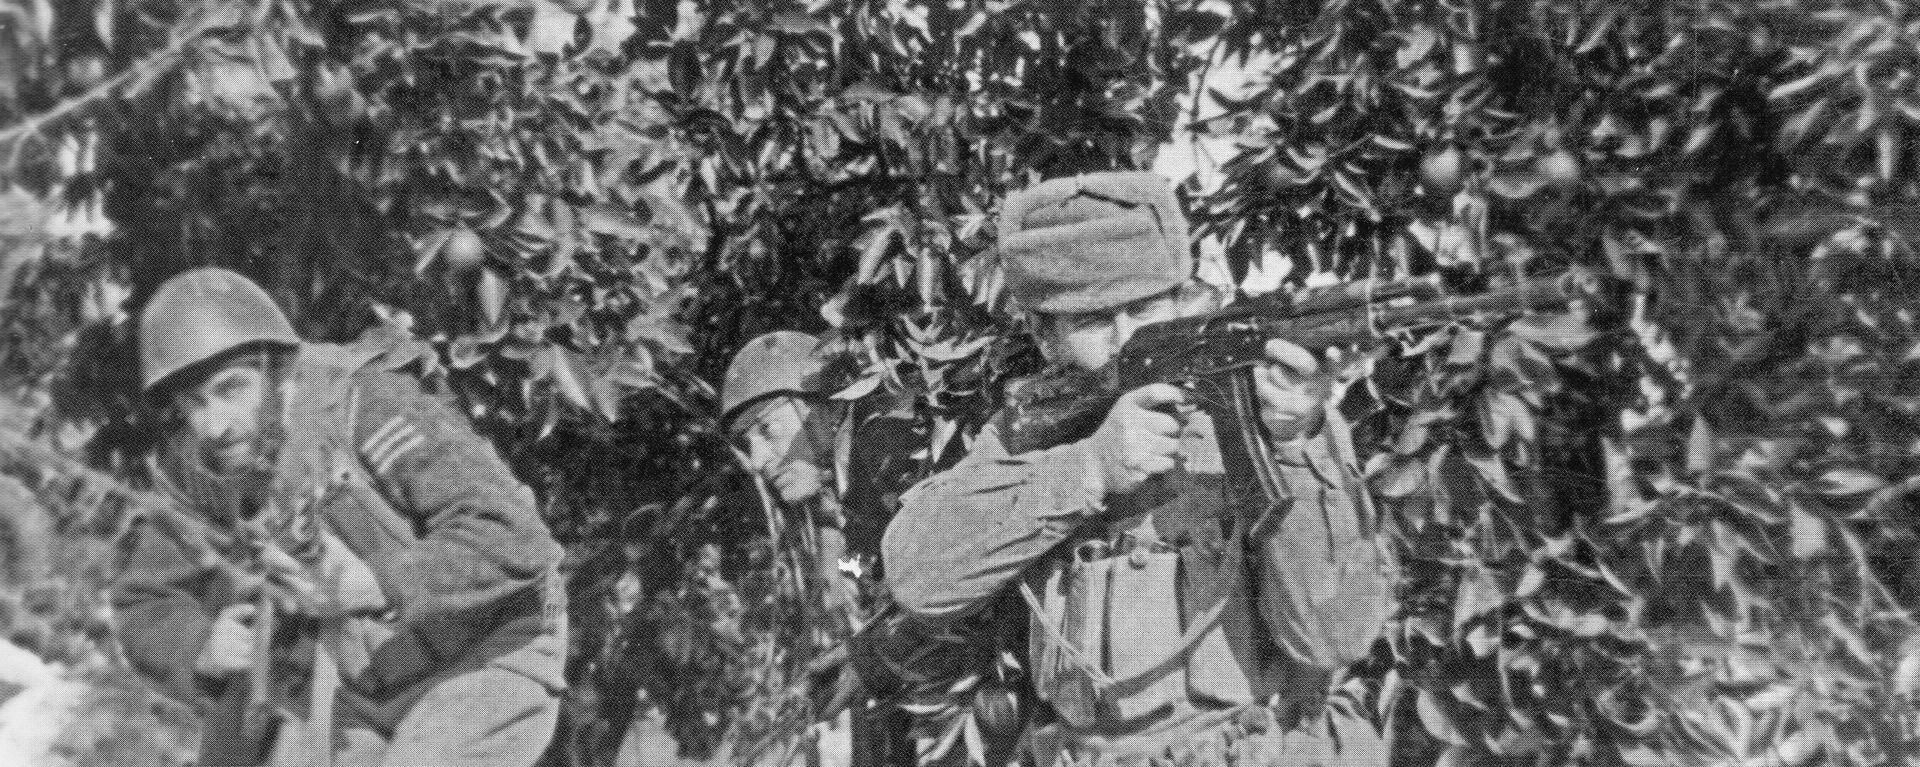 Мартовское наступление - Sputnik Абхазия, 1920, 15.03.2021